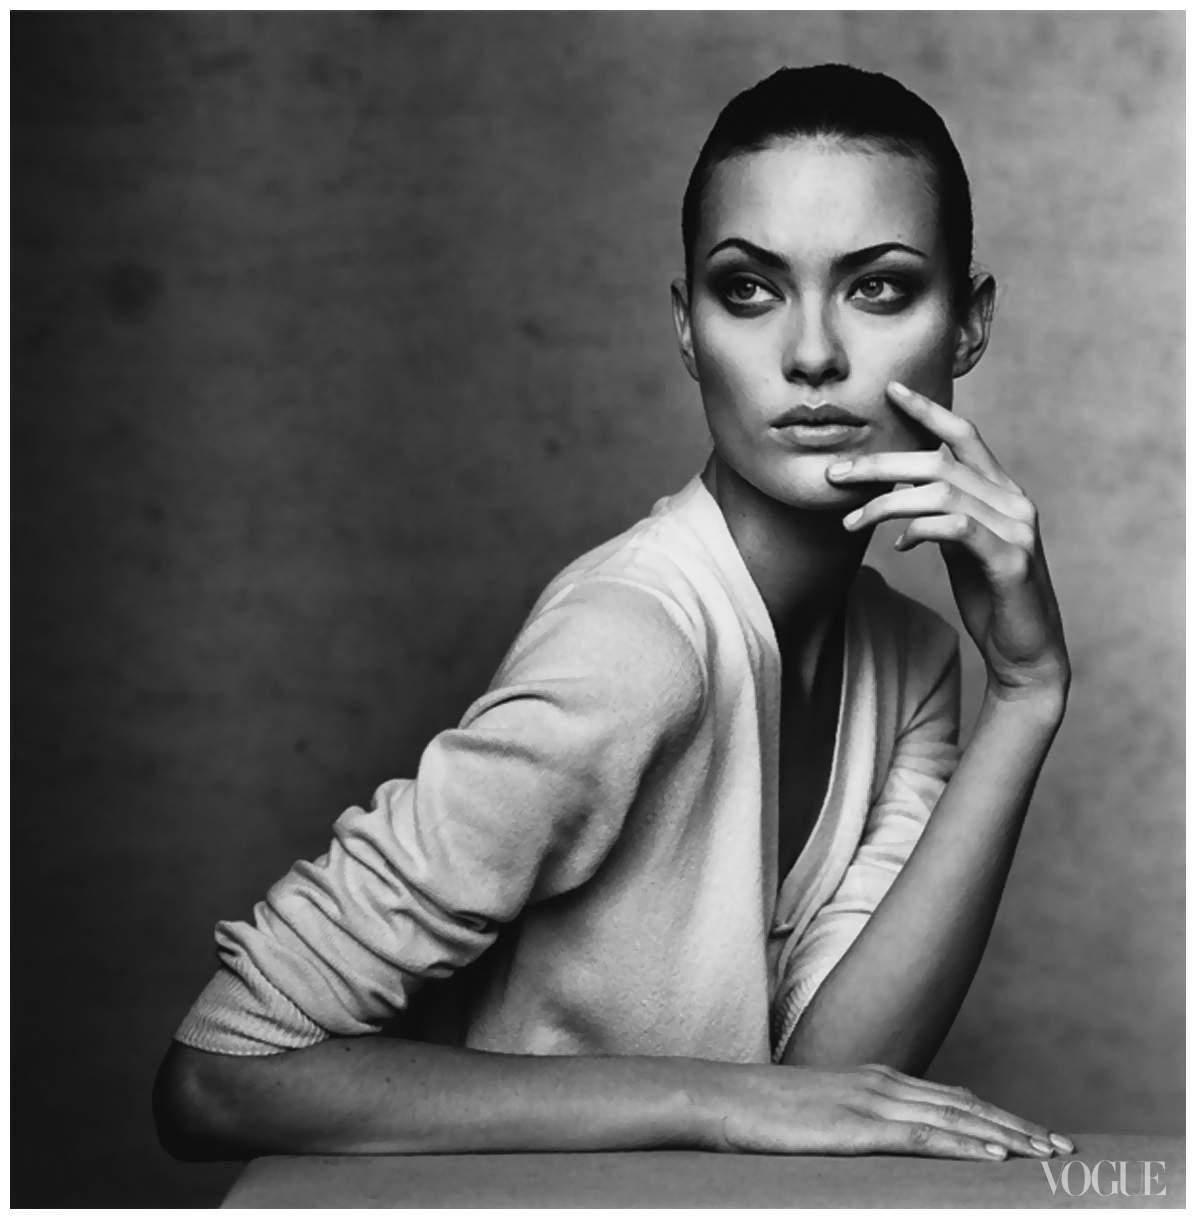 10 самых влиятельных фотографов всех времен - Ирвинг Пенн (Irving Penn) 2